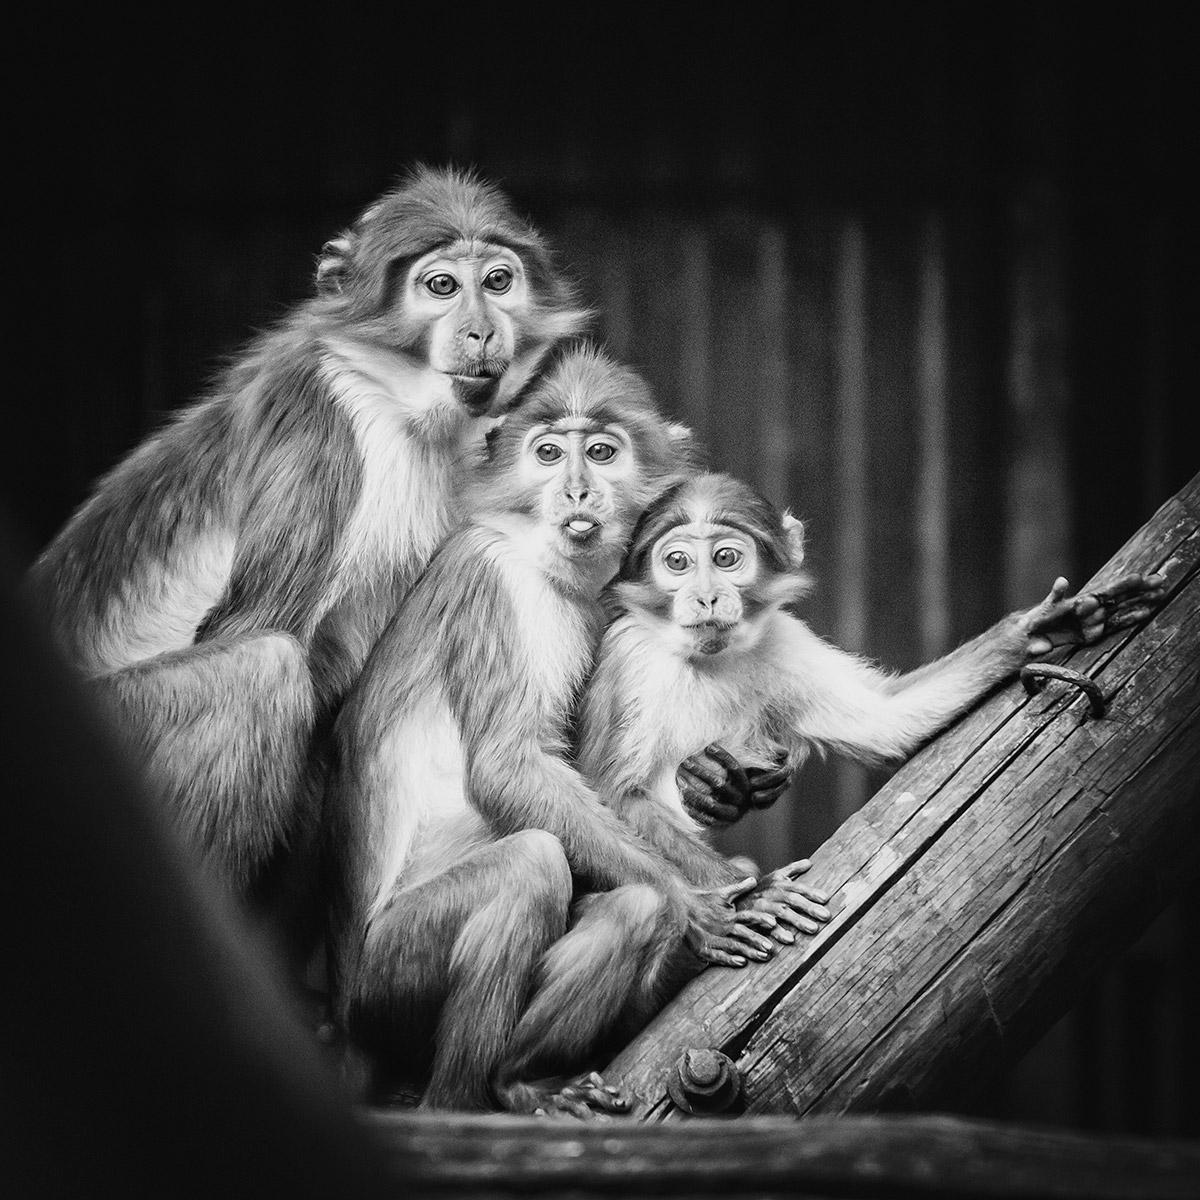 dierentuin foto cursus Rotterdam